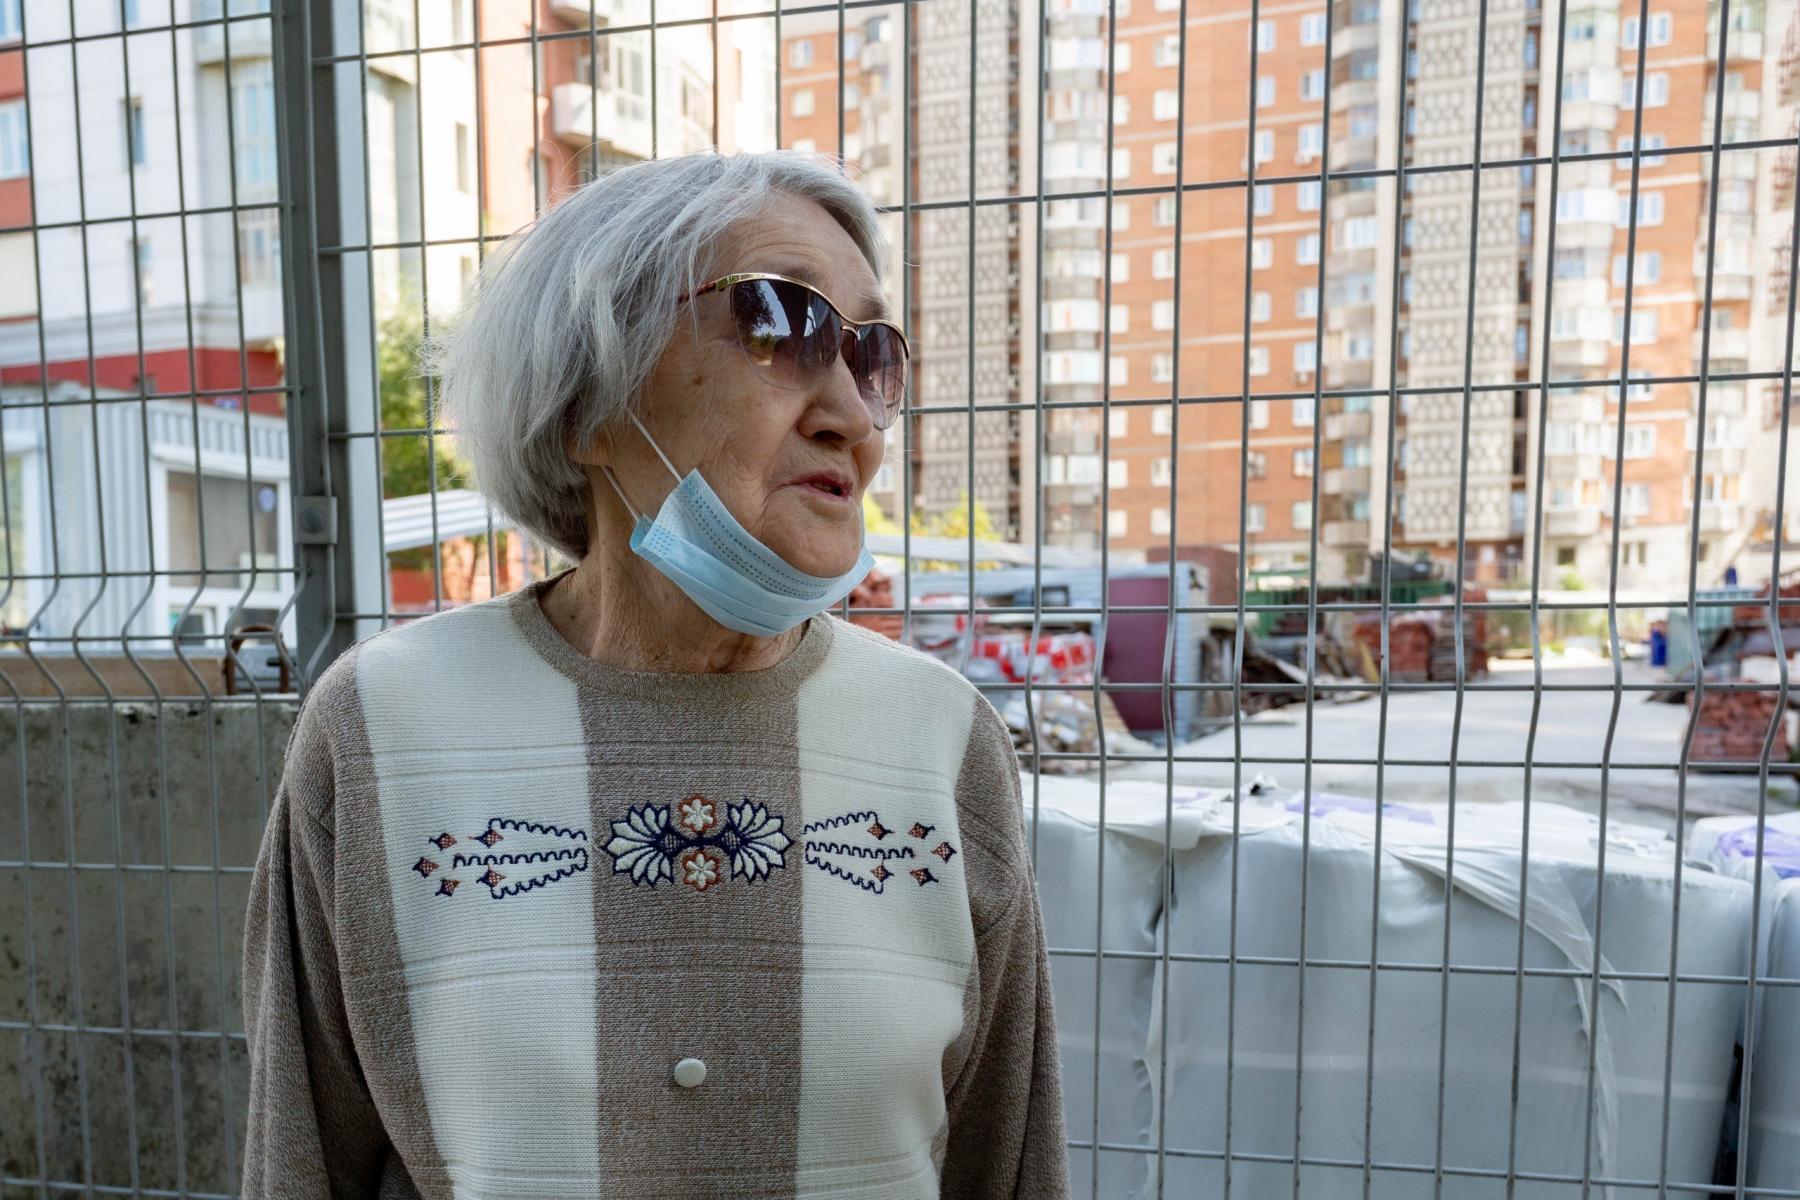 Фото Пенсия 18521 рубль: экономист рассказала об индексации выплат пенсионерам в 2022 году 4